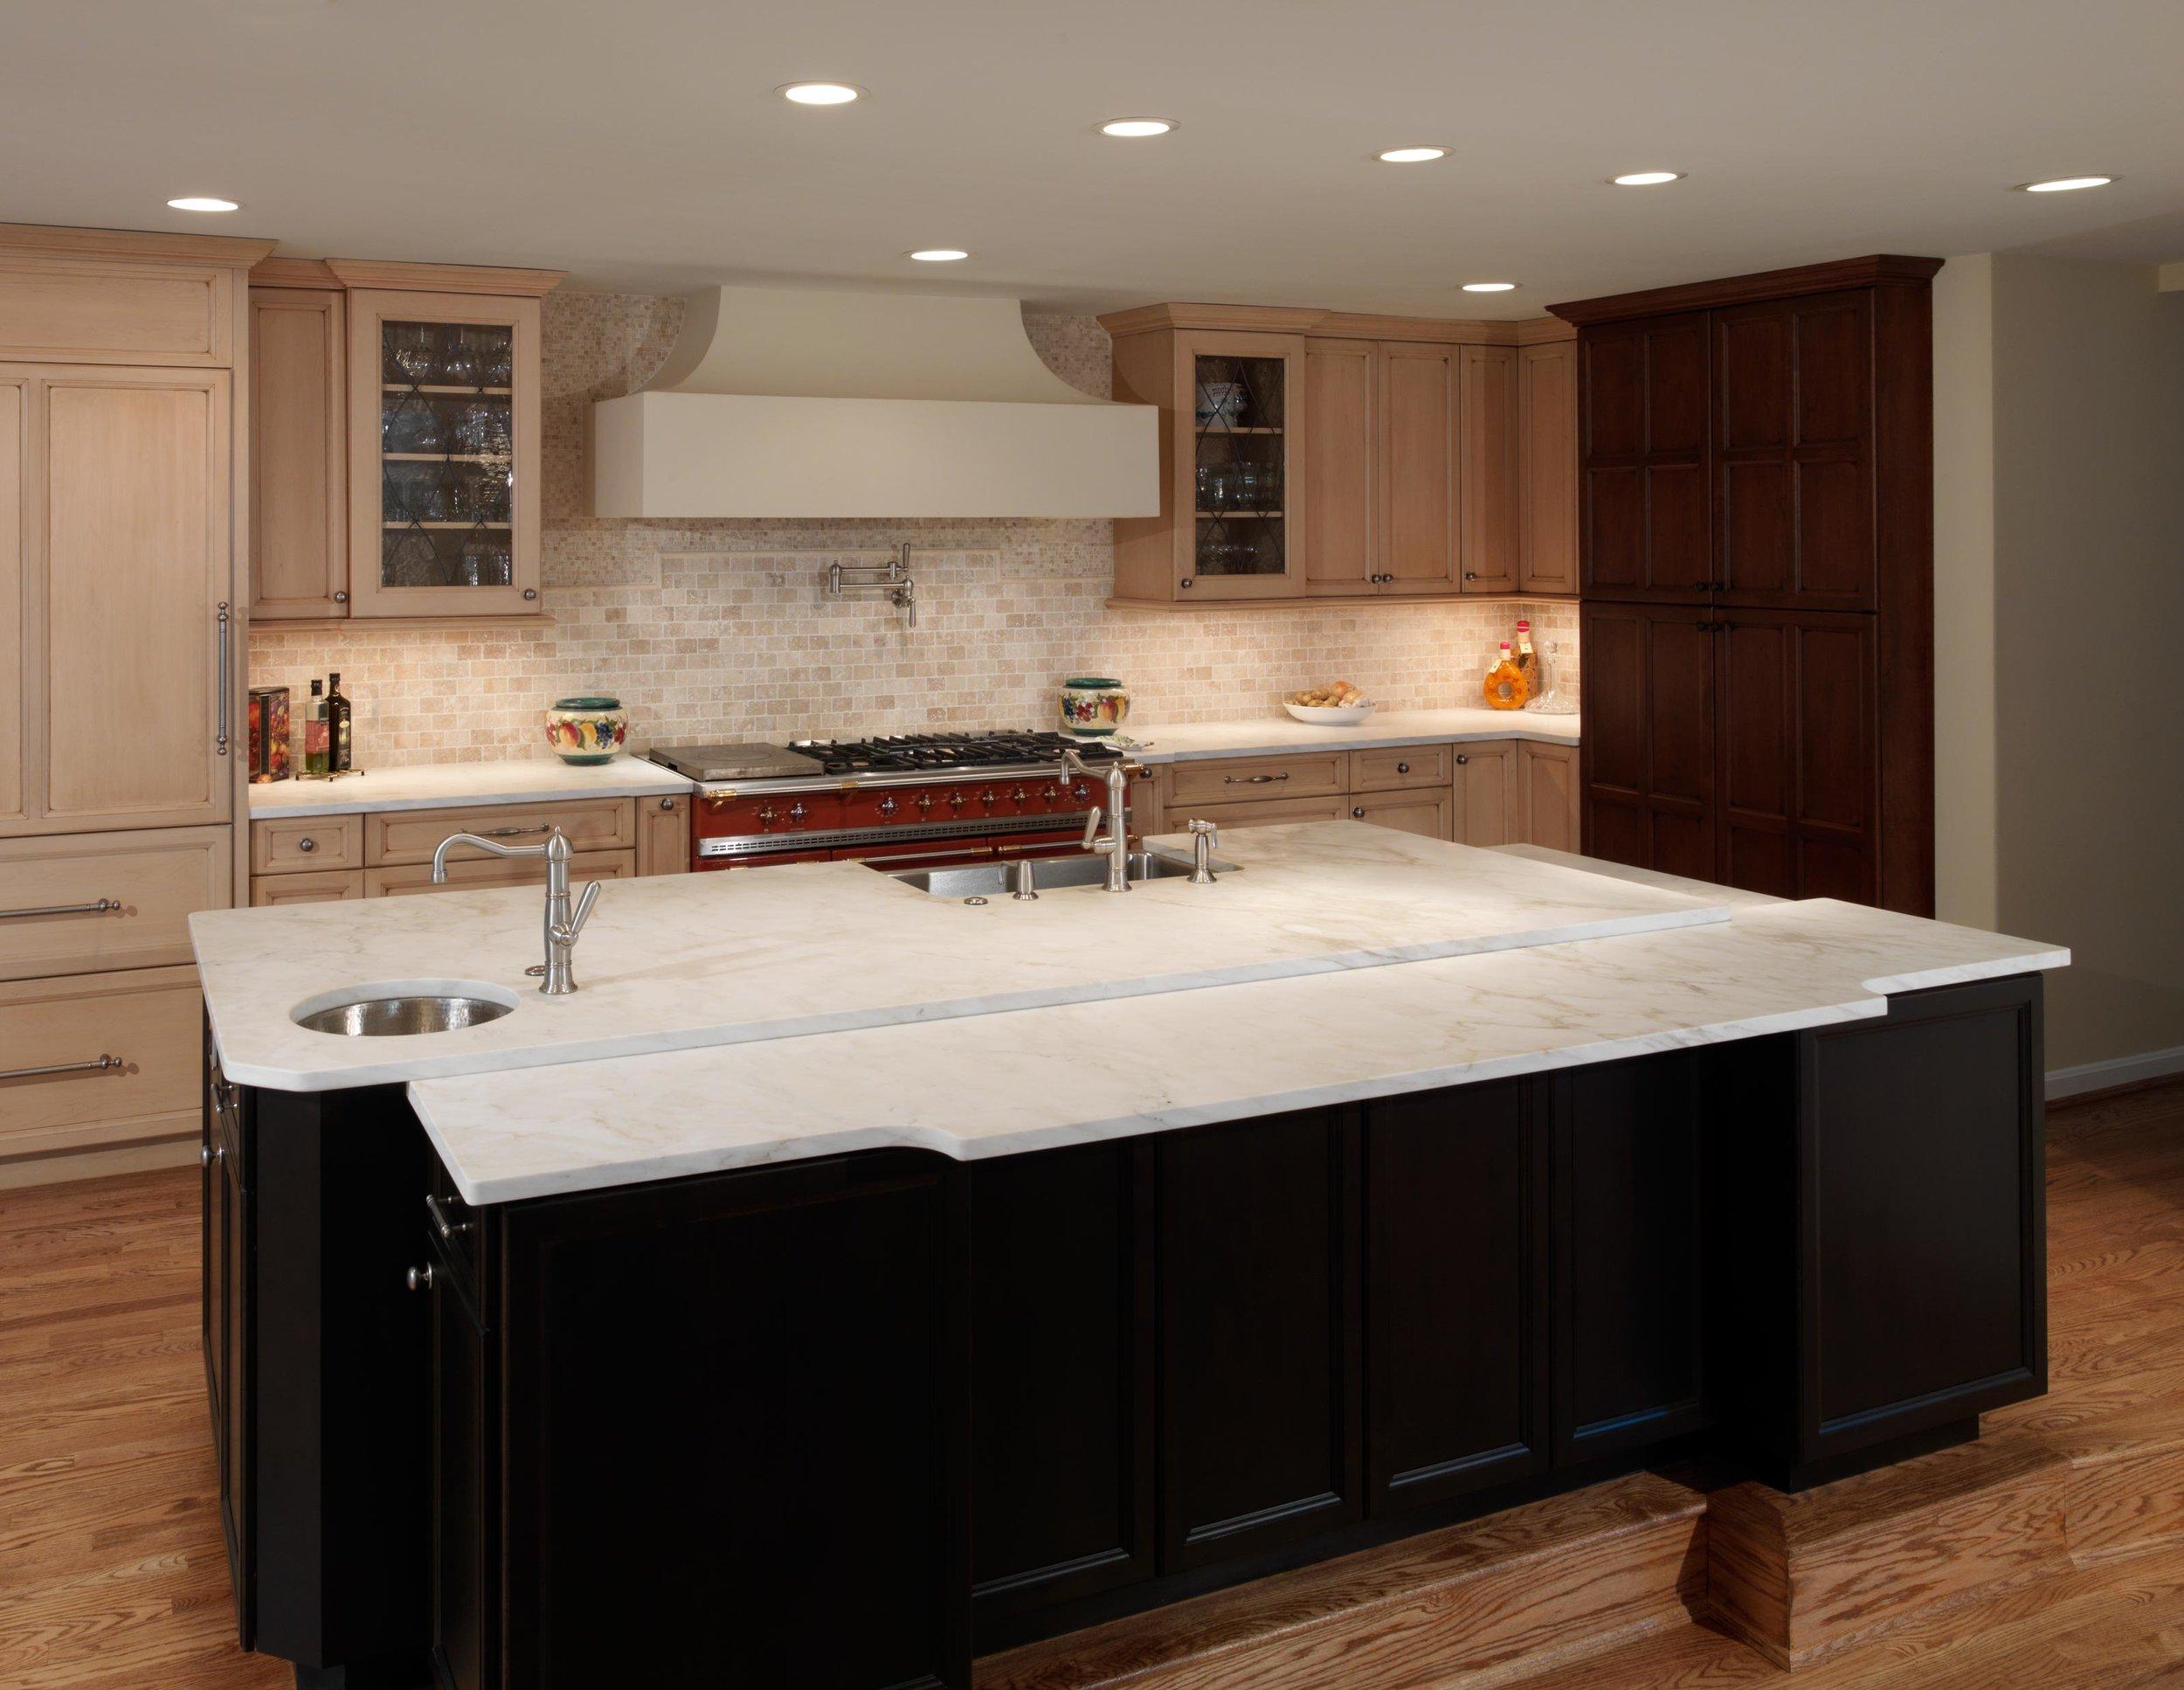 Ylda-kitchen-001-overall.jpg